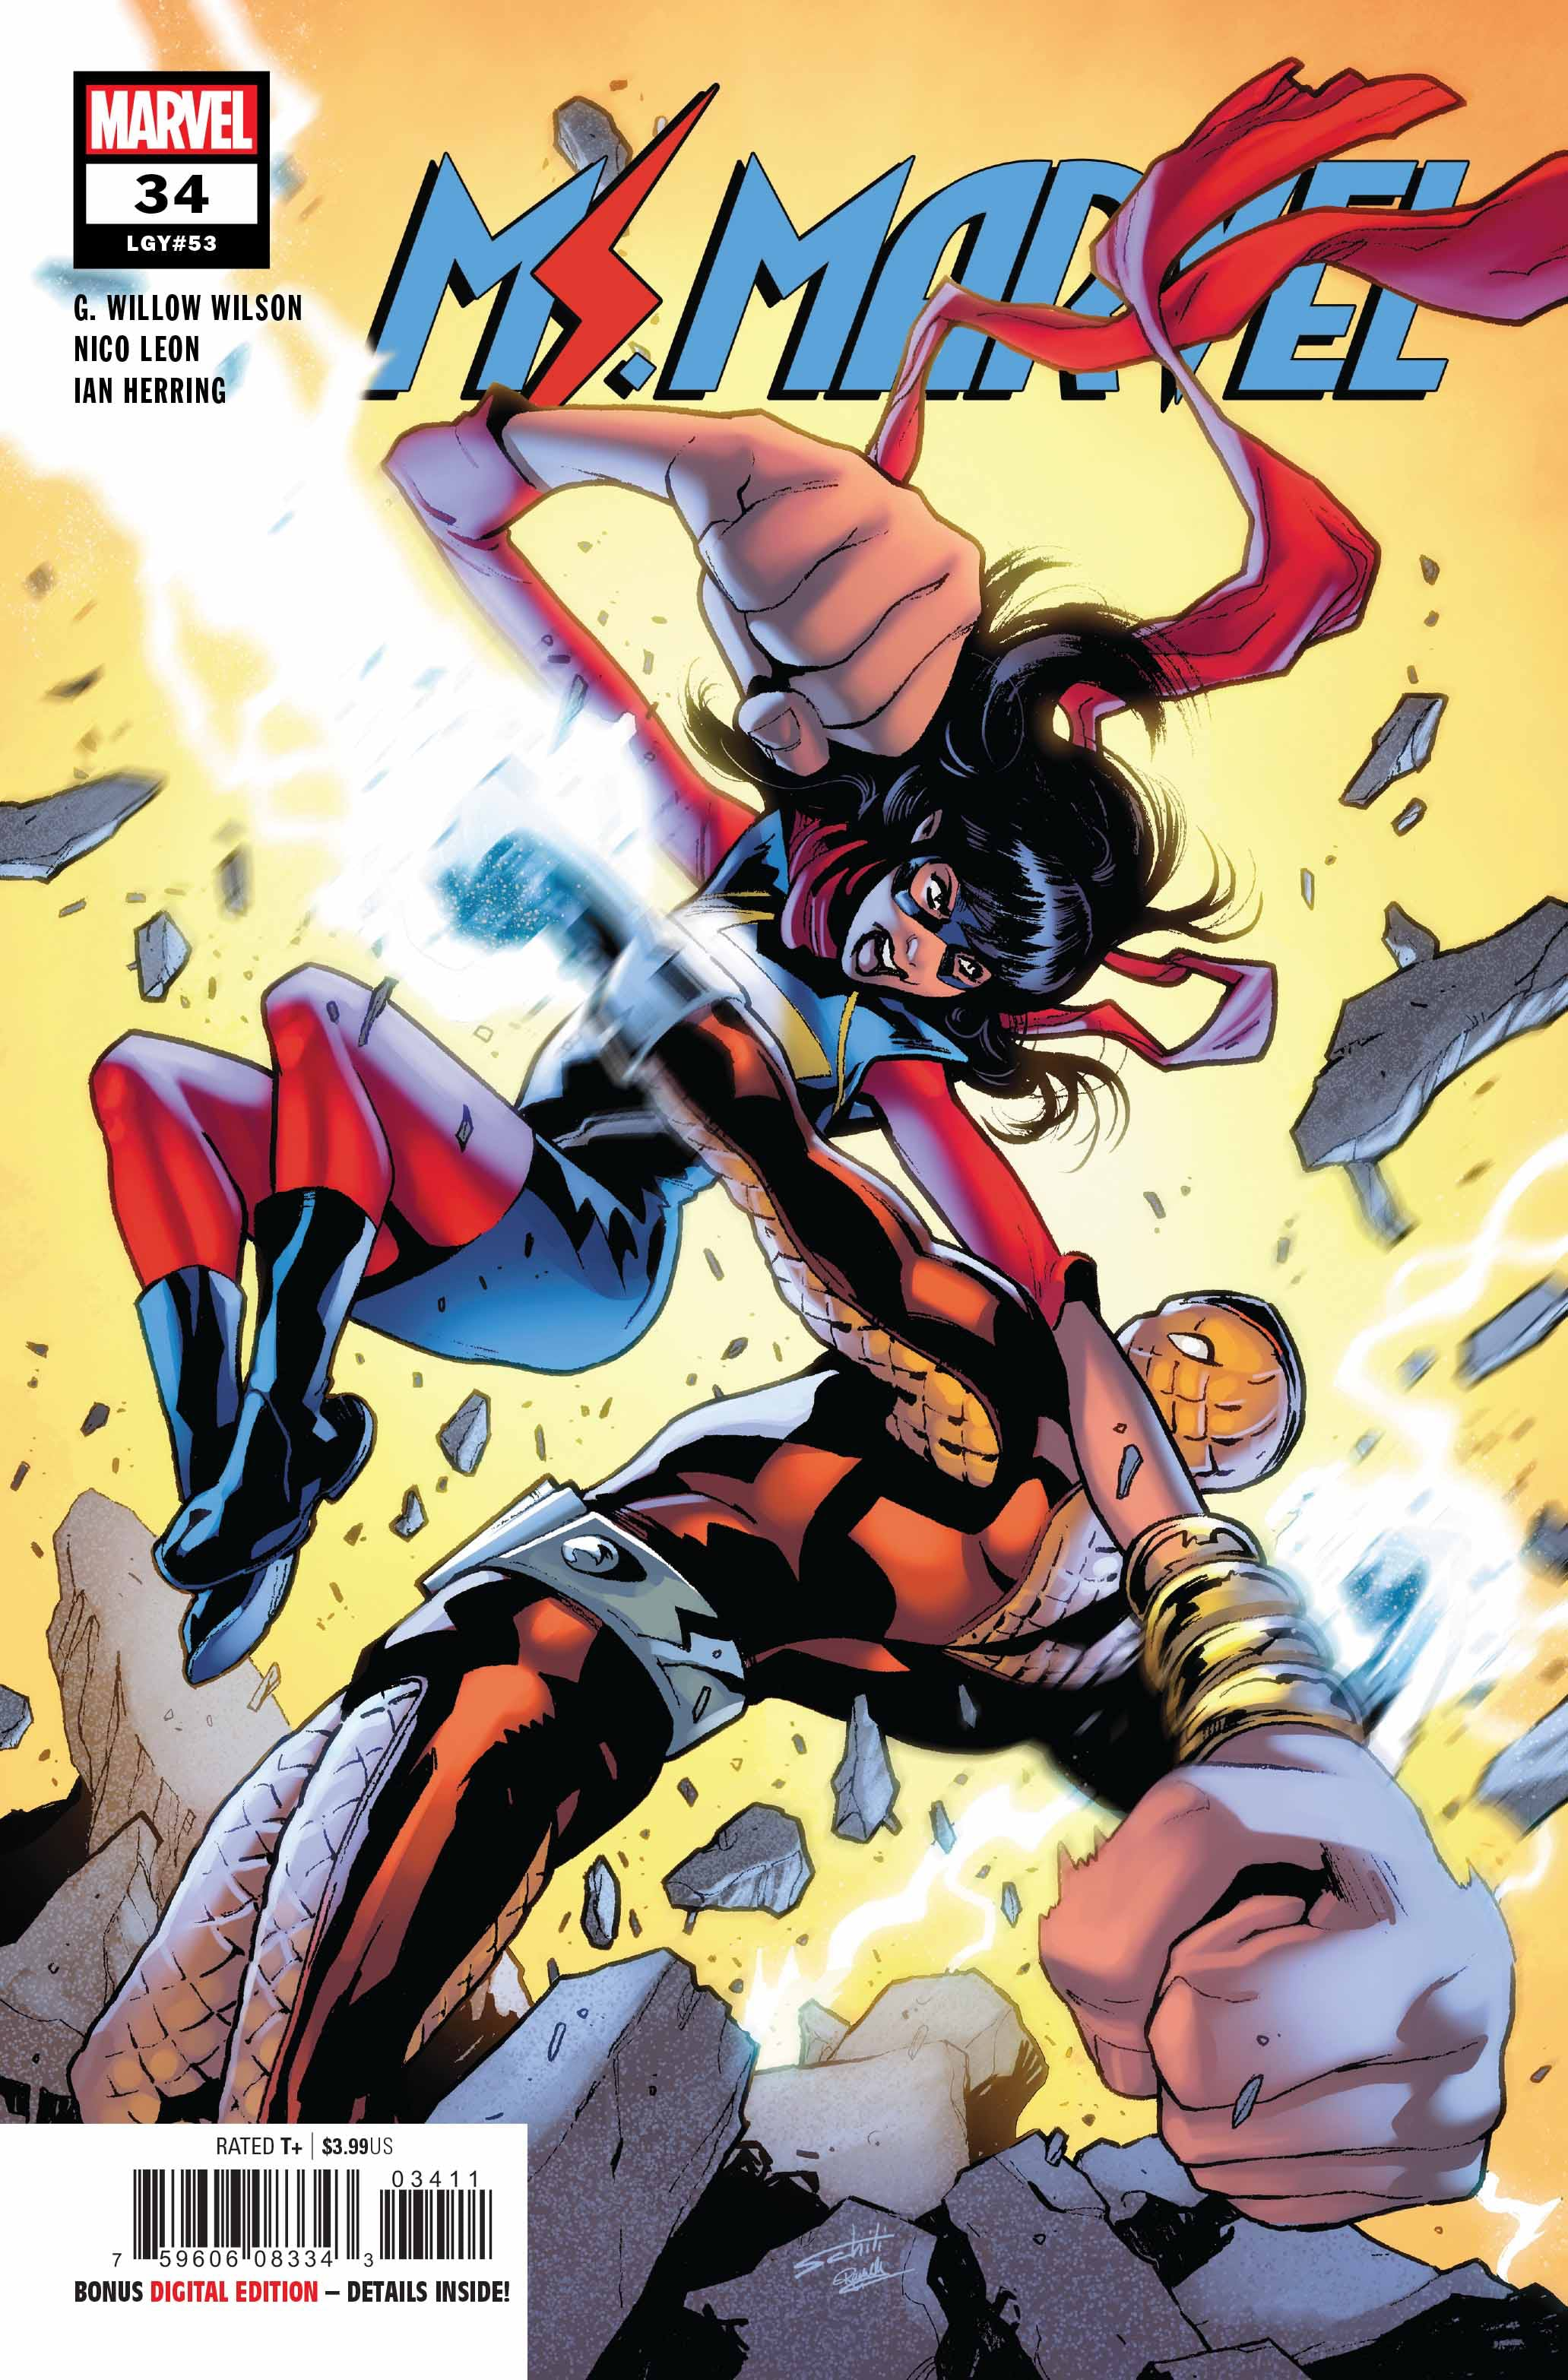 Weekly Marvel Review: September 12, 2018 (Week 37) – Fantasy